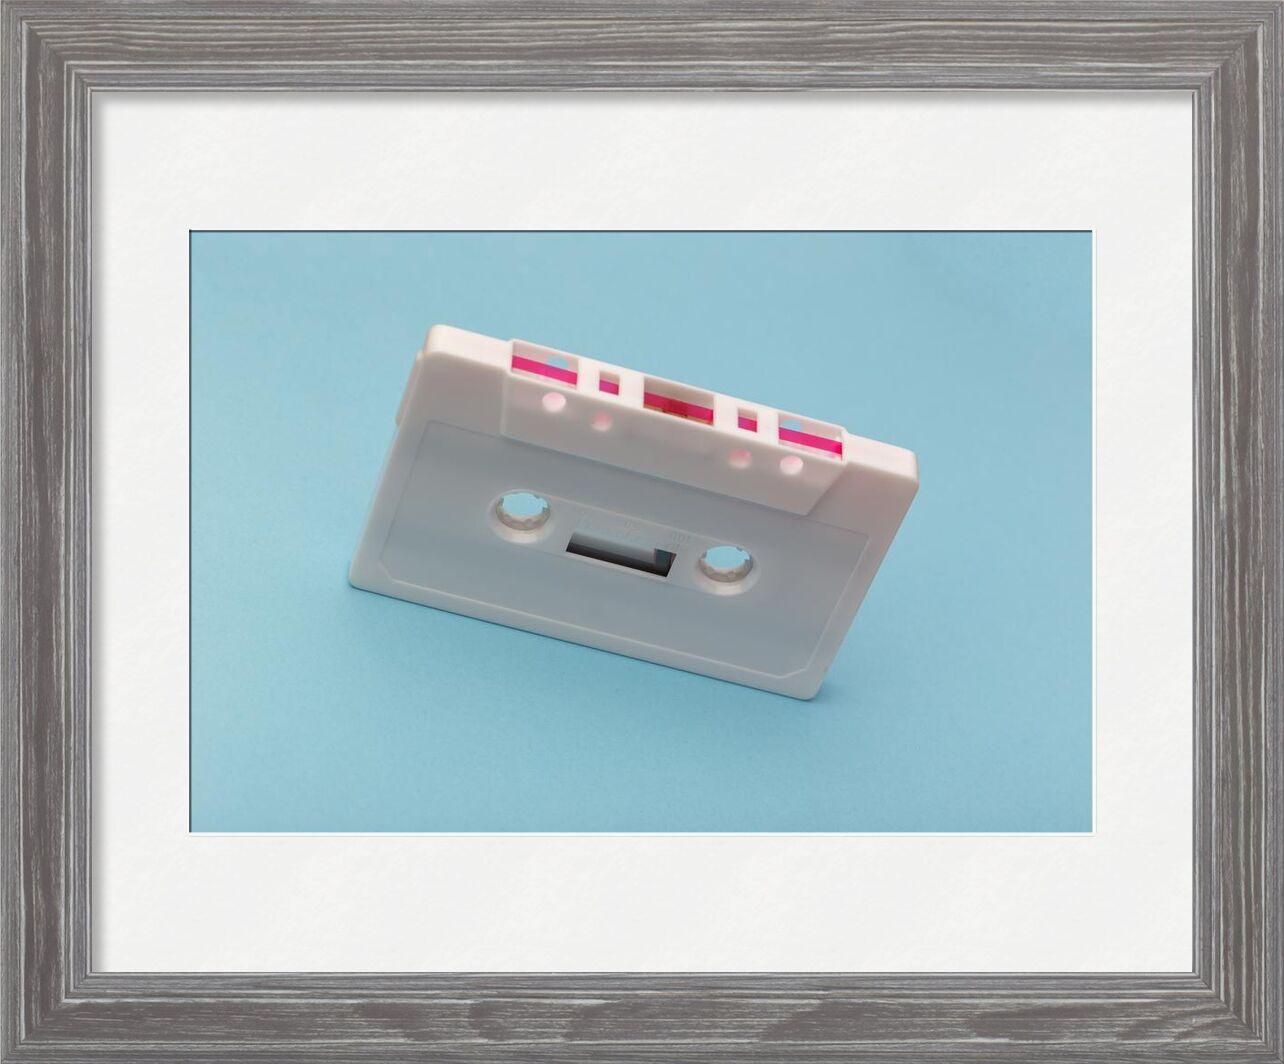 Cassette de Aliss ART, Prodi Art, bande de style, enregistrement, Plastique, cassette, fond bleu, blanc, brut, La technologie, du son, rétro, record, rose, la musique, équipement, dispositif, classique, l'audio